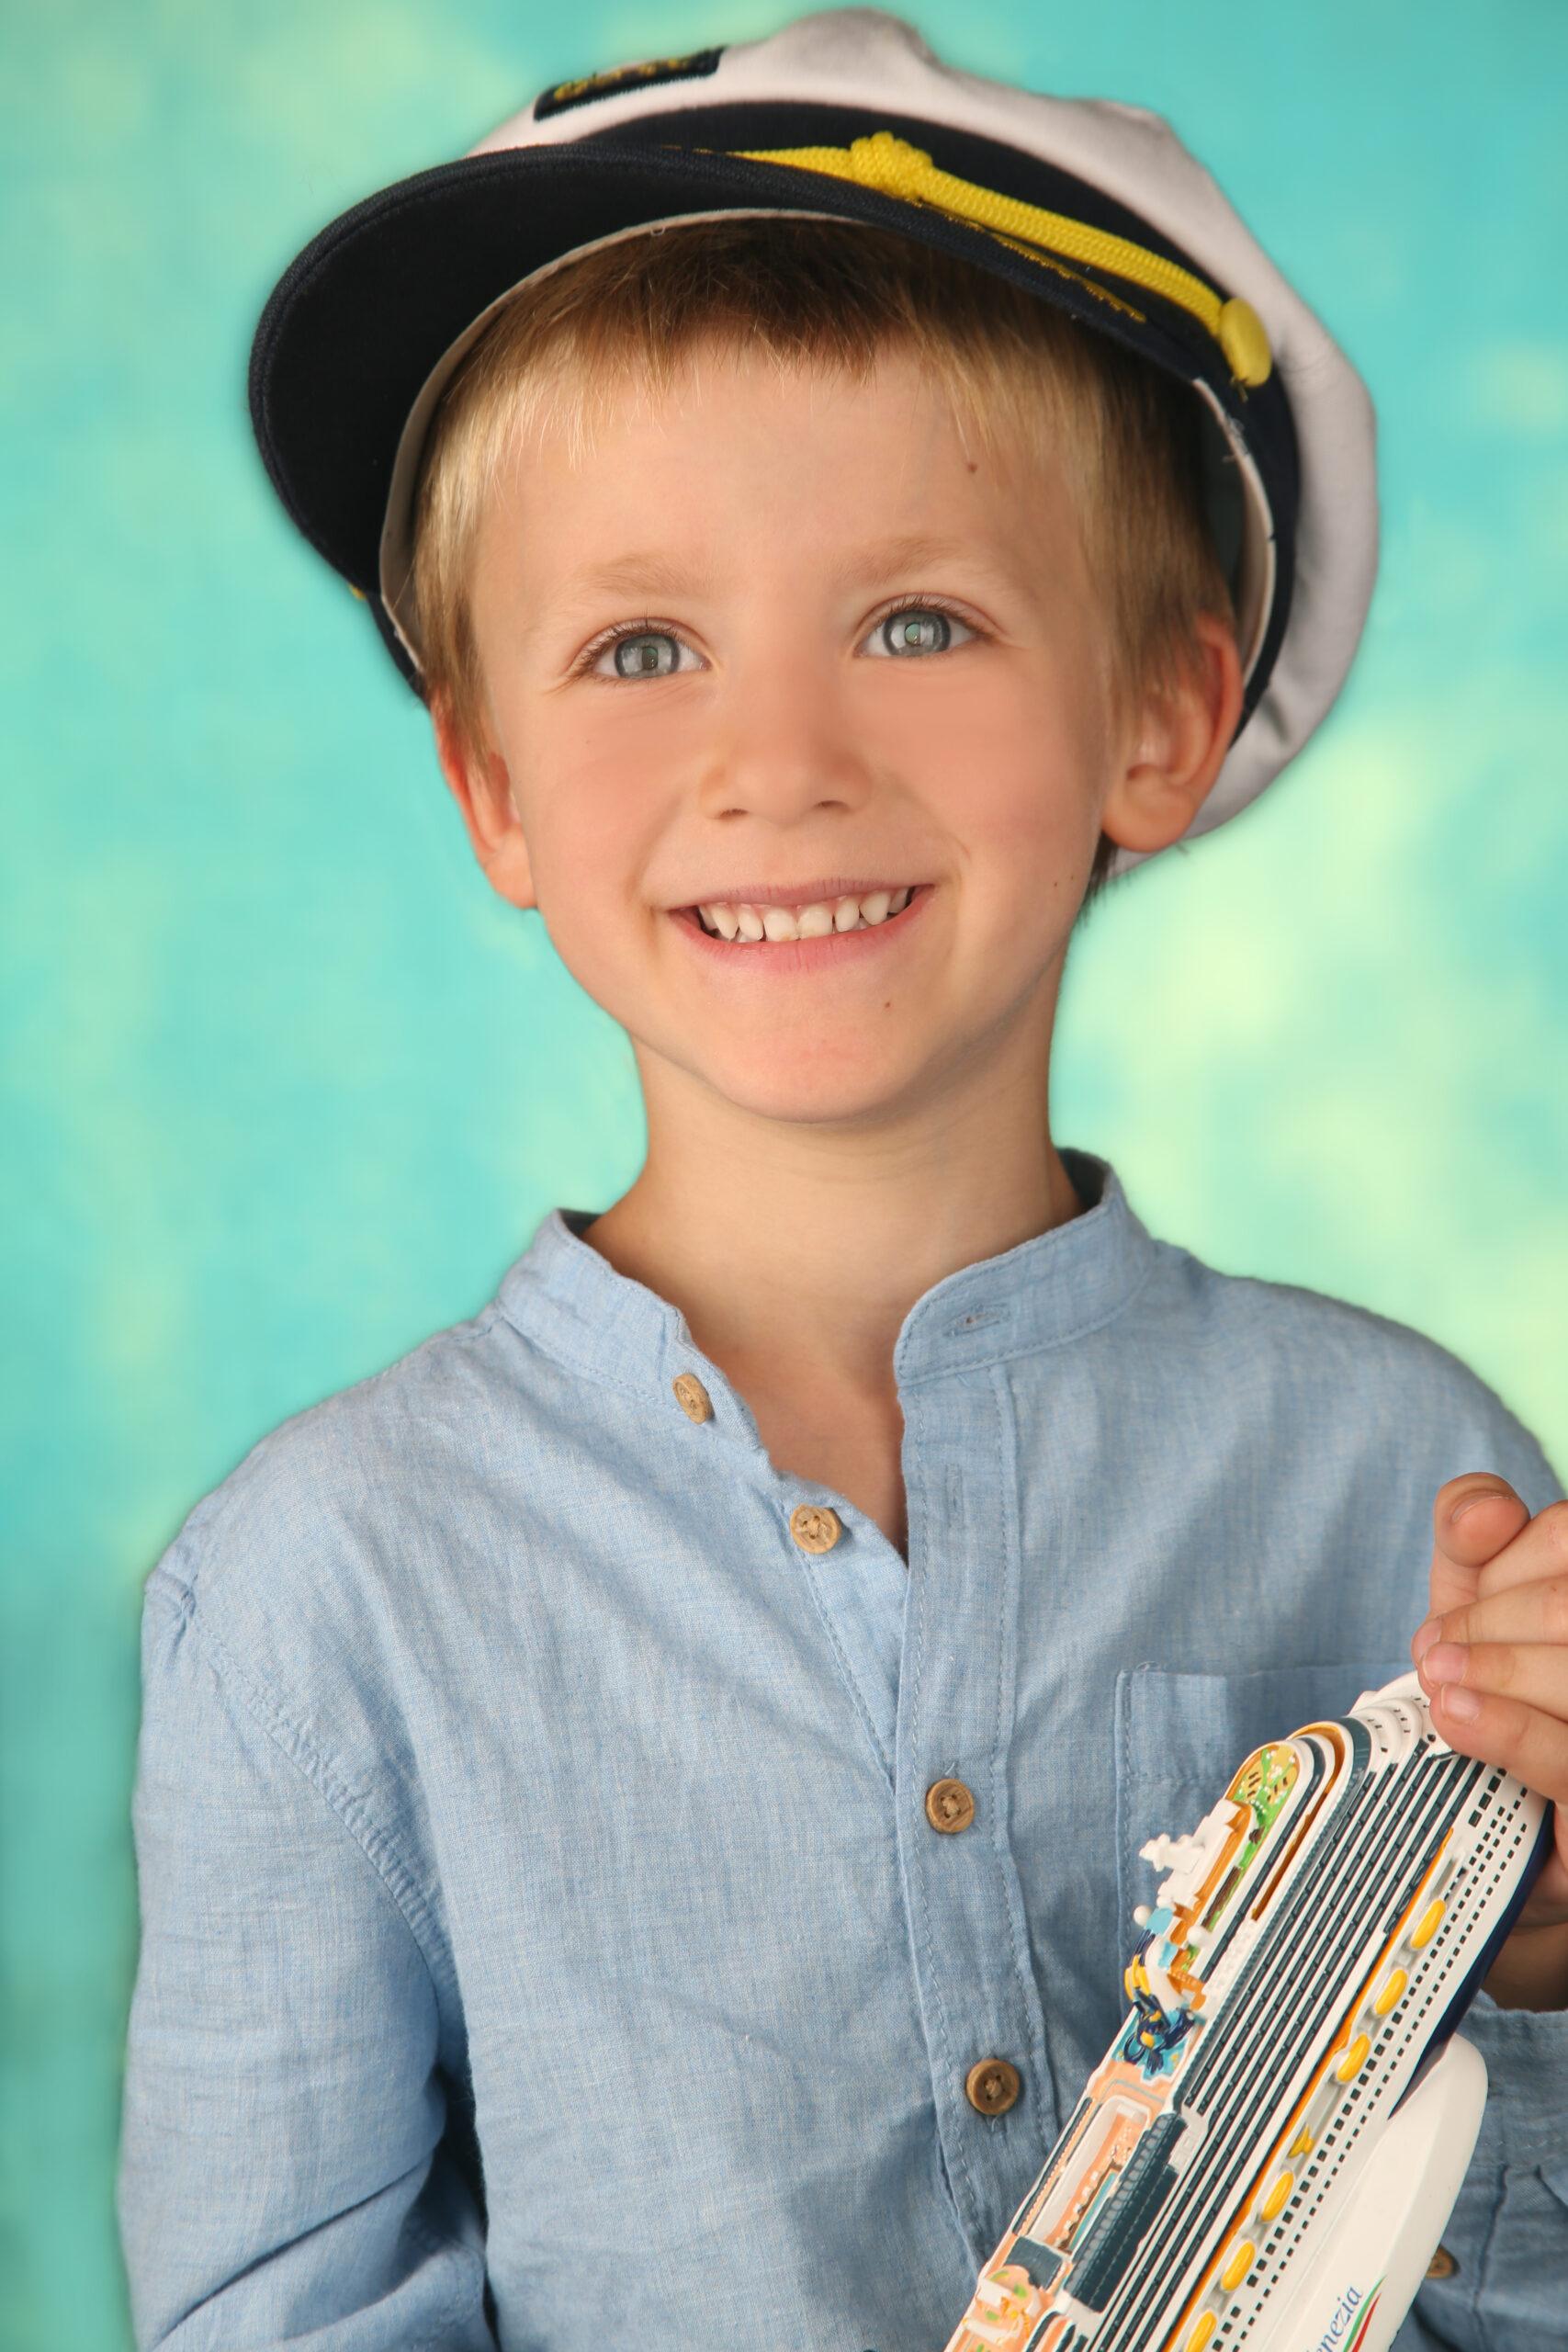 Kinderfoto Kapitän